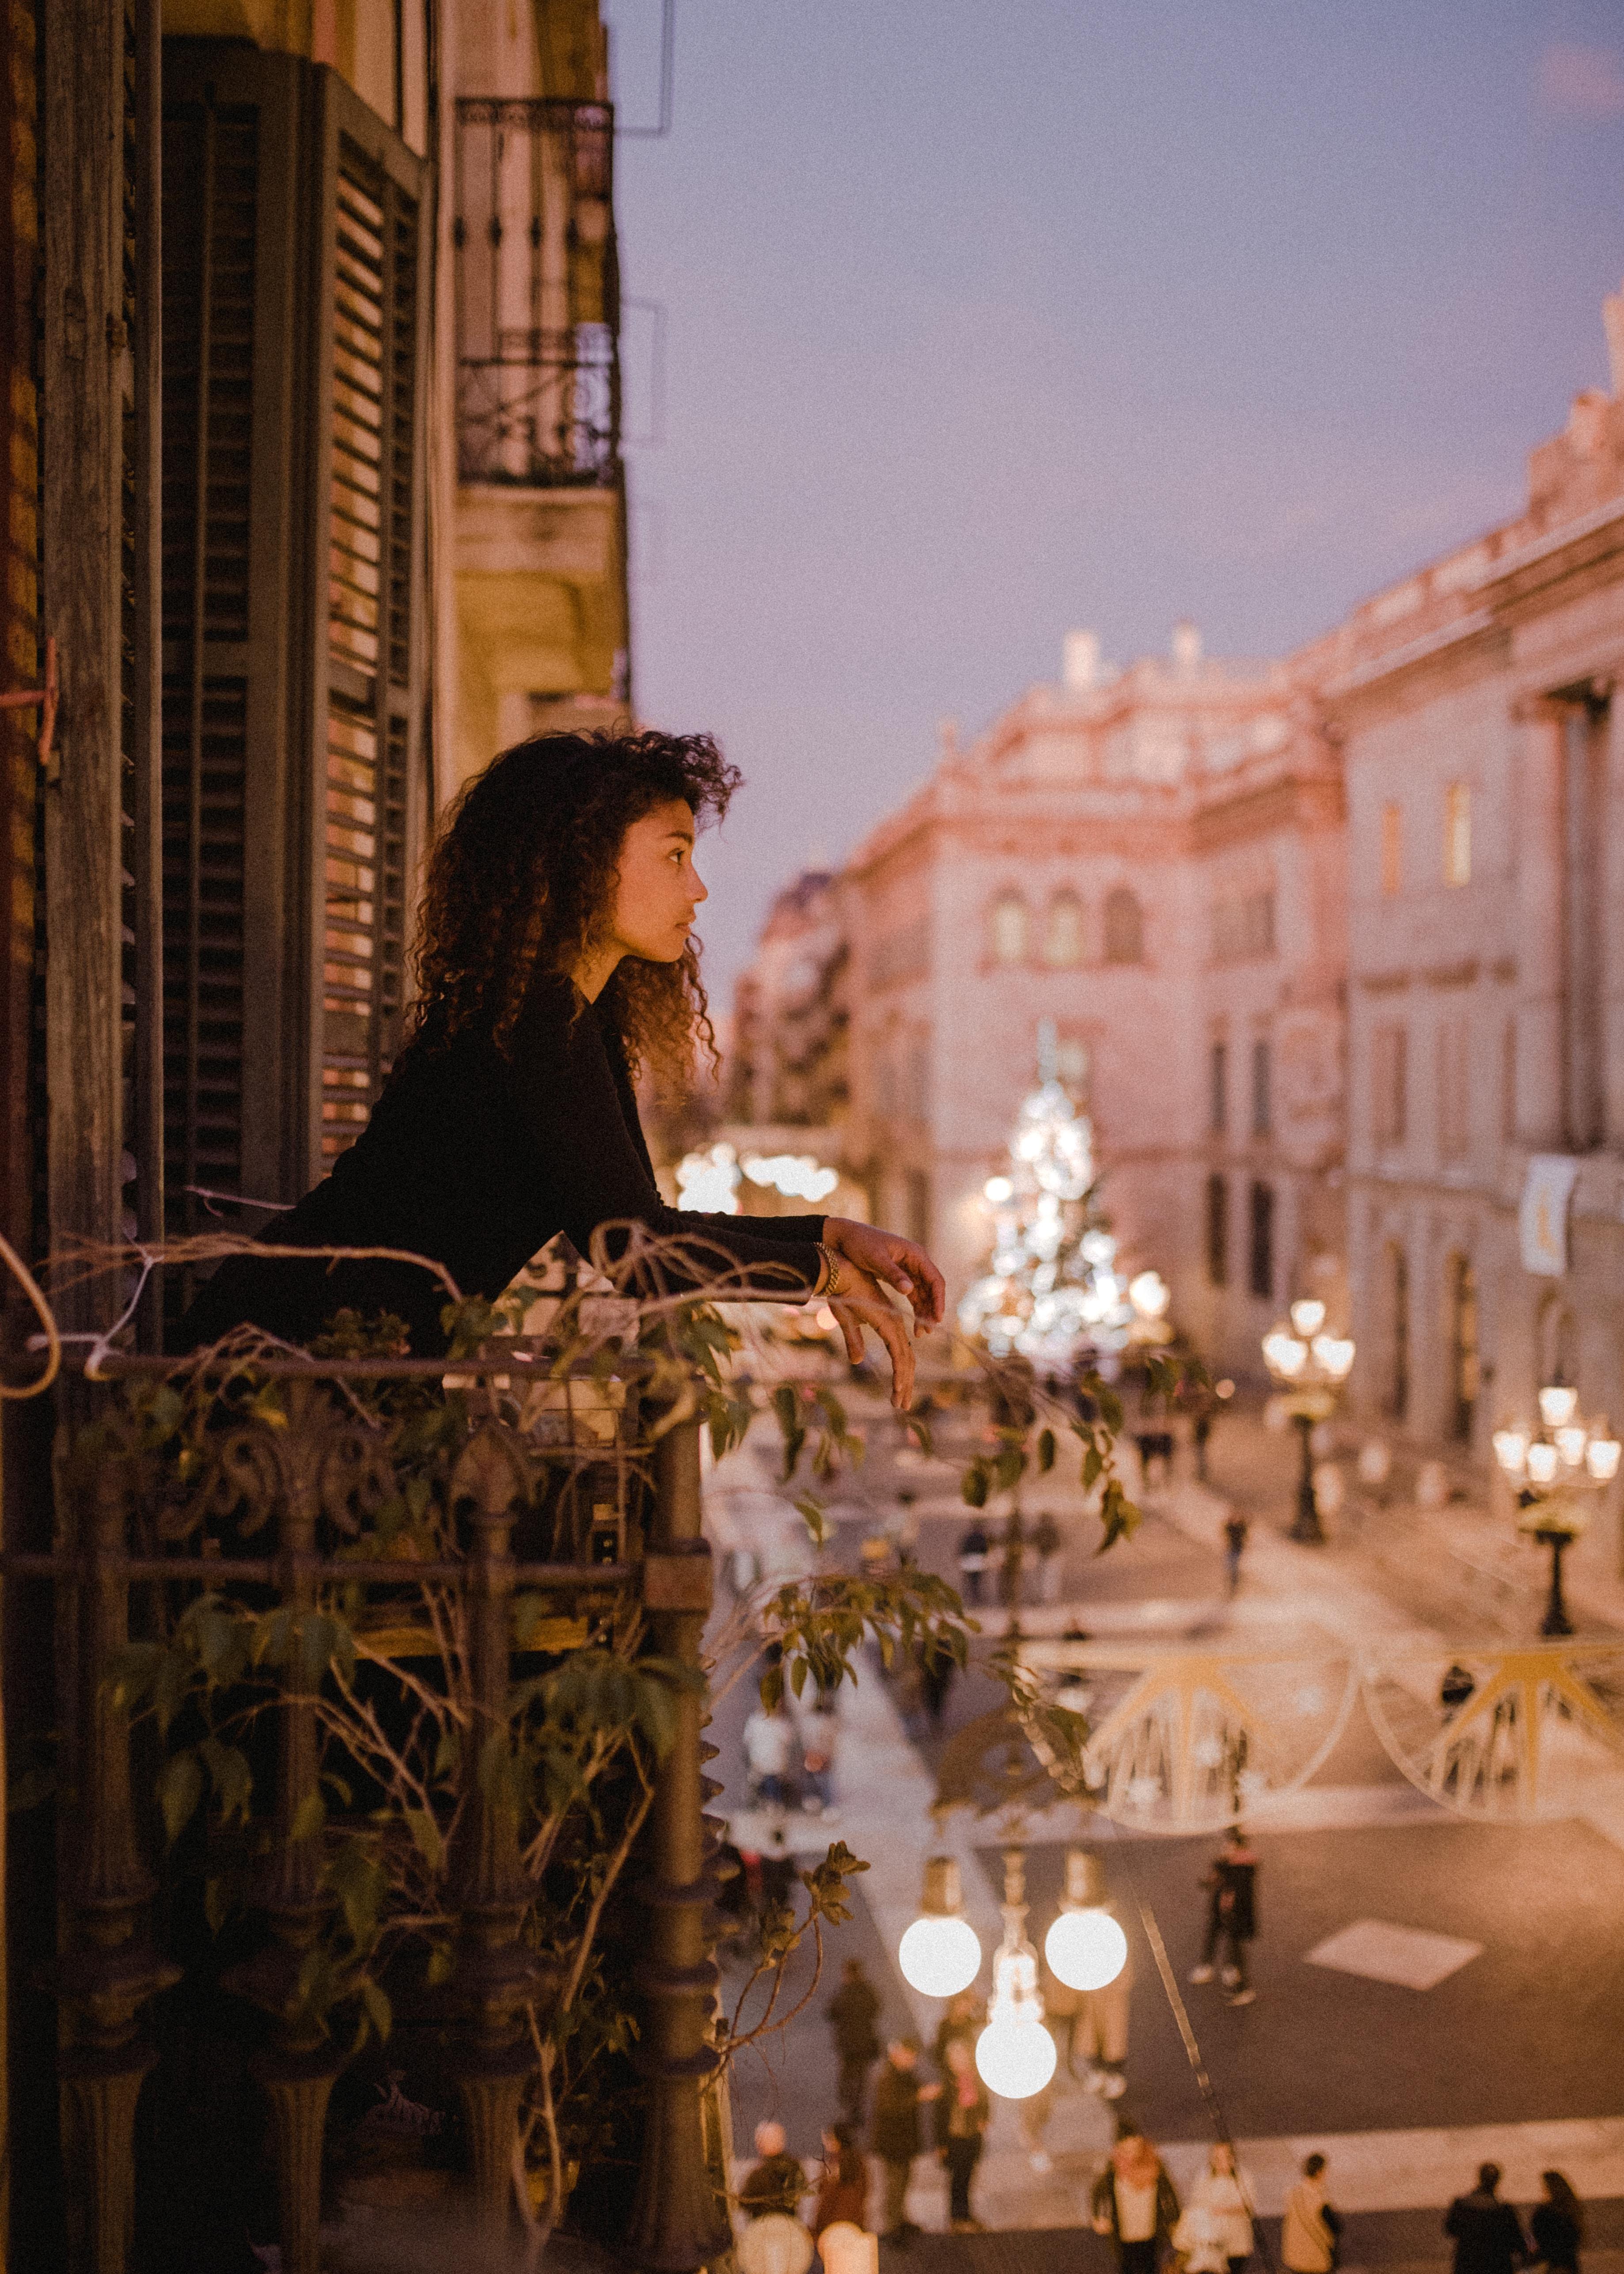 mujer en balcón de noche que está mirando hacia la nada, realizando un ejercicio de introspección